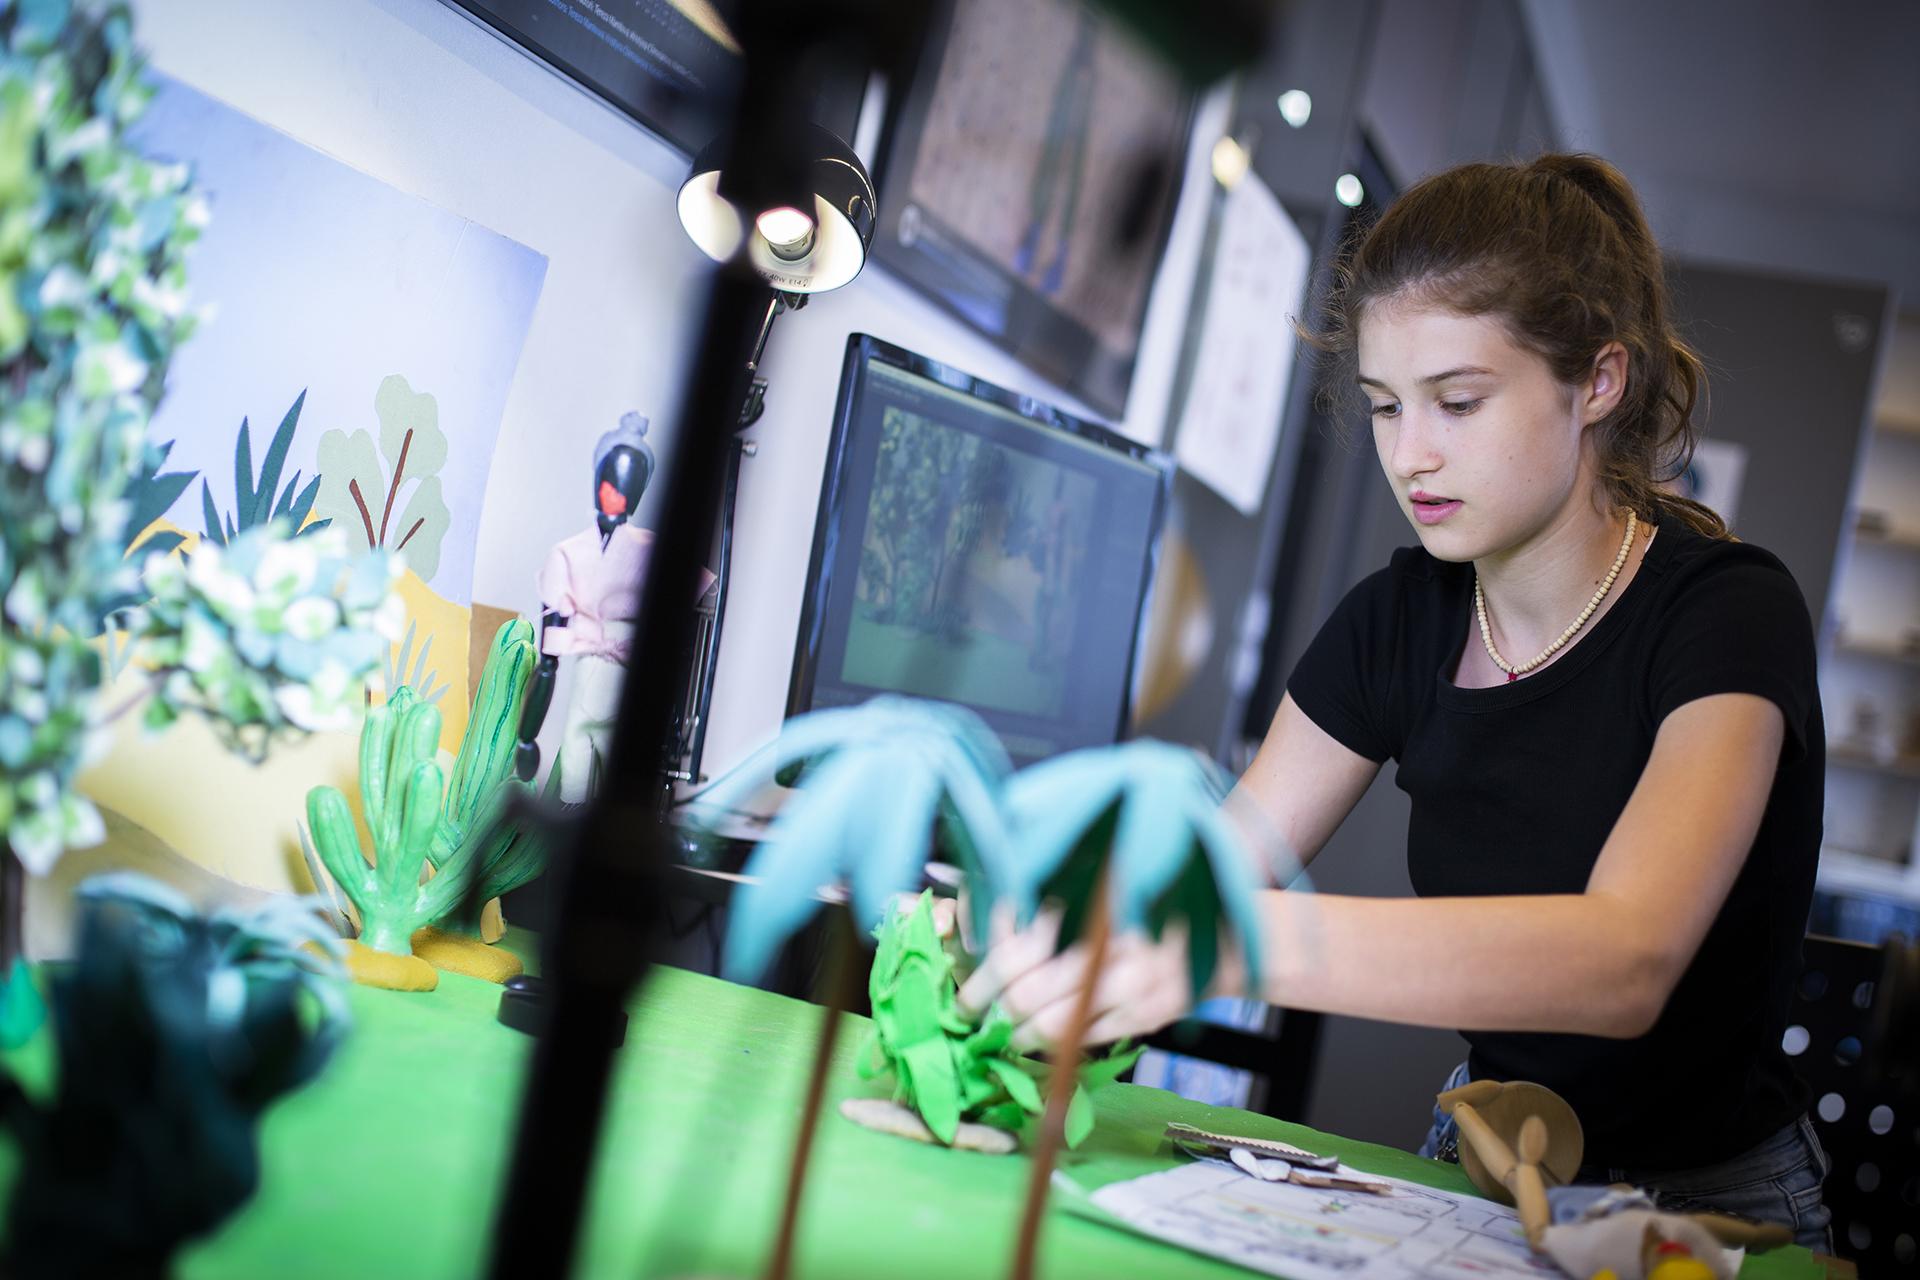 Pojďte s námi do kouzelného světa animace! Staň se animátorem! Vytvoř a nadabuj si vlastní animovaný film! Letní animační příměstské tábory 2021!